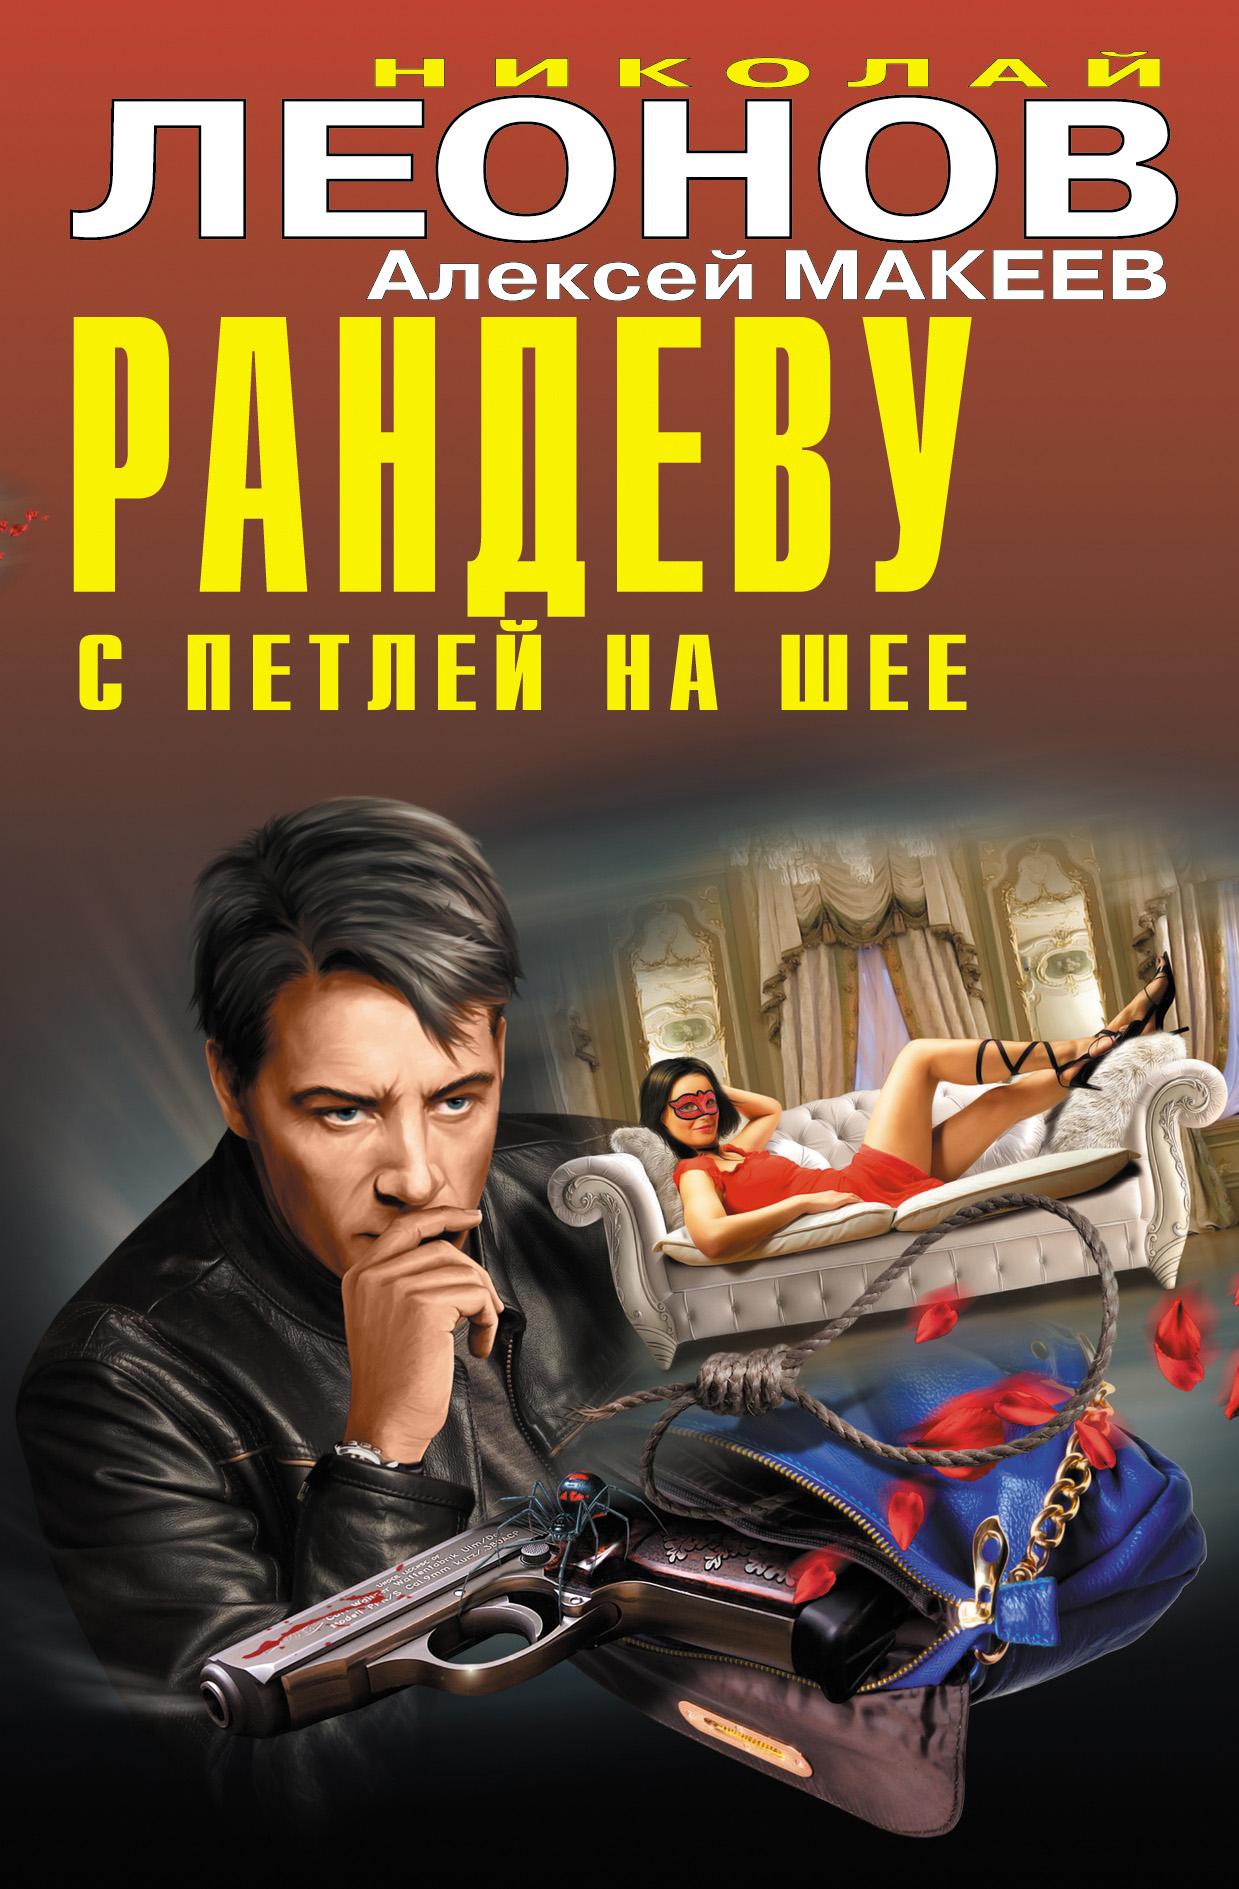 Николай Леонов Рандеву с петлей на шее (сборник) все цены